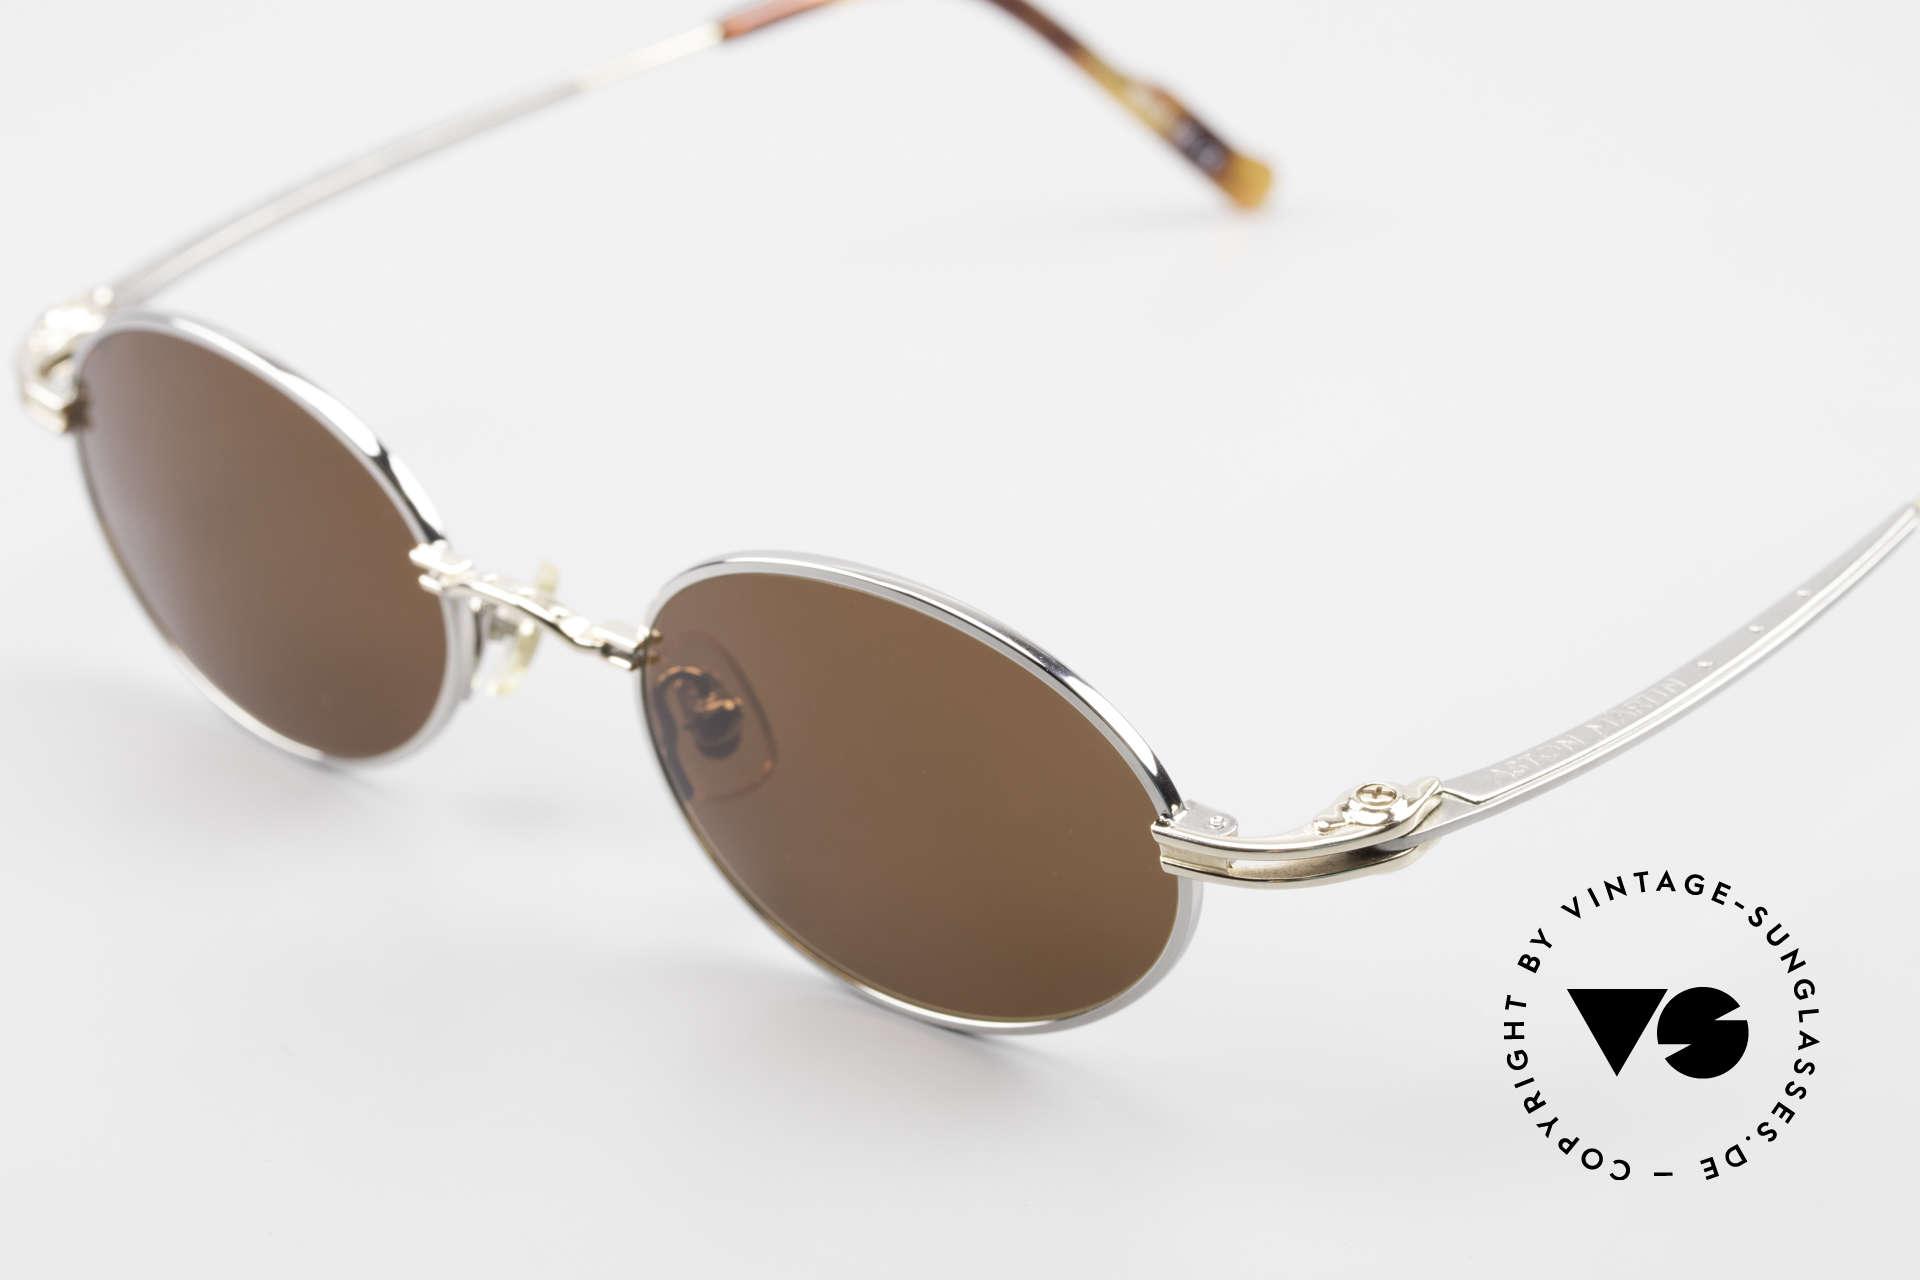 Aston Martin AM43 Ergonomic Oval Sunglasses, precious rarity (ergonomic titan frame) + orig. AM case, Made for Men